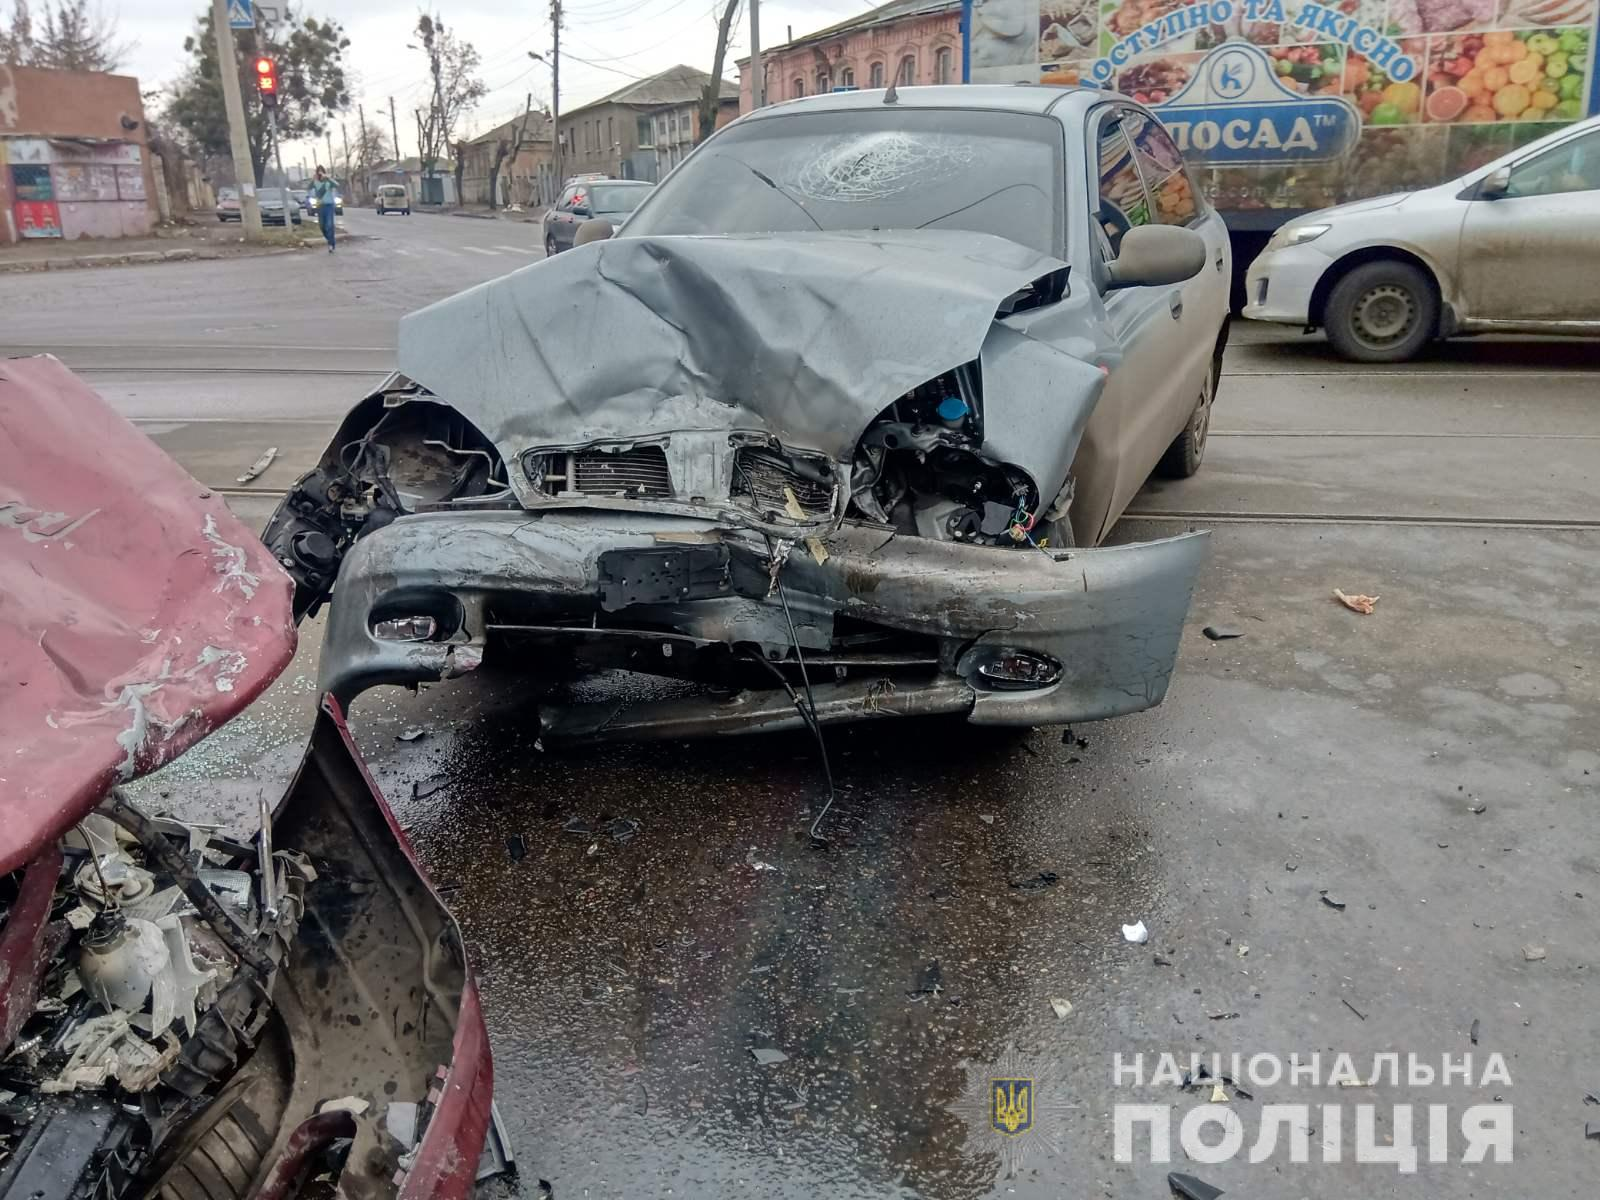 В Харькове в аварии пострадал ребенок (фото)